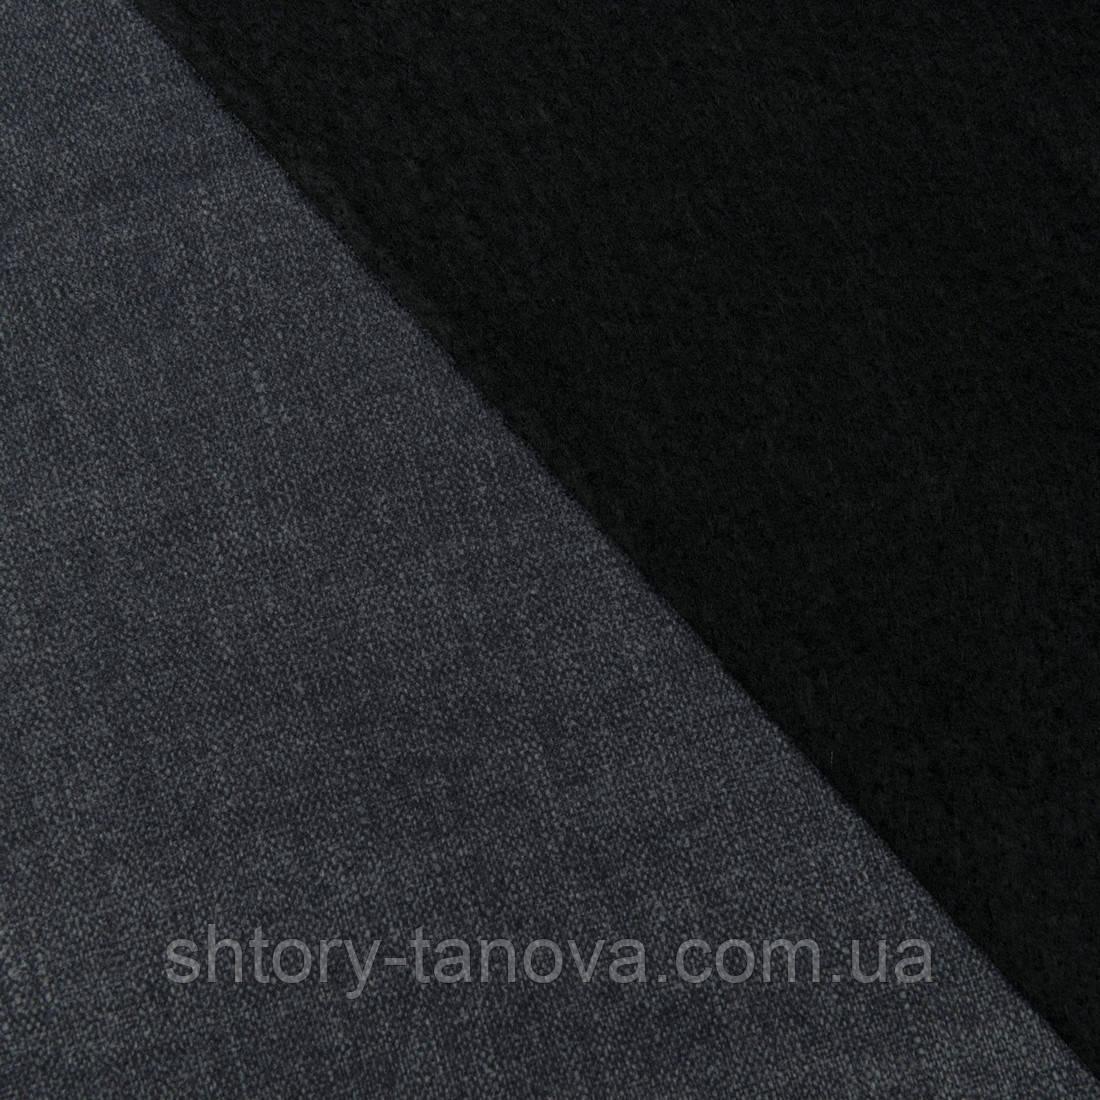 Декоративная ткань блийч графит